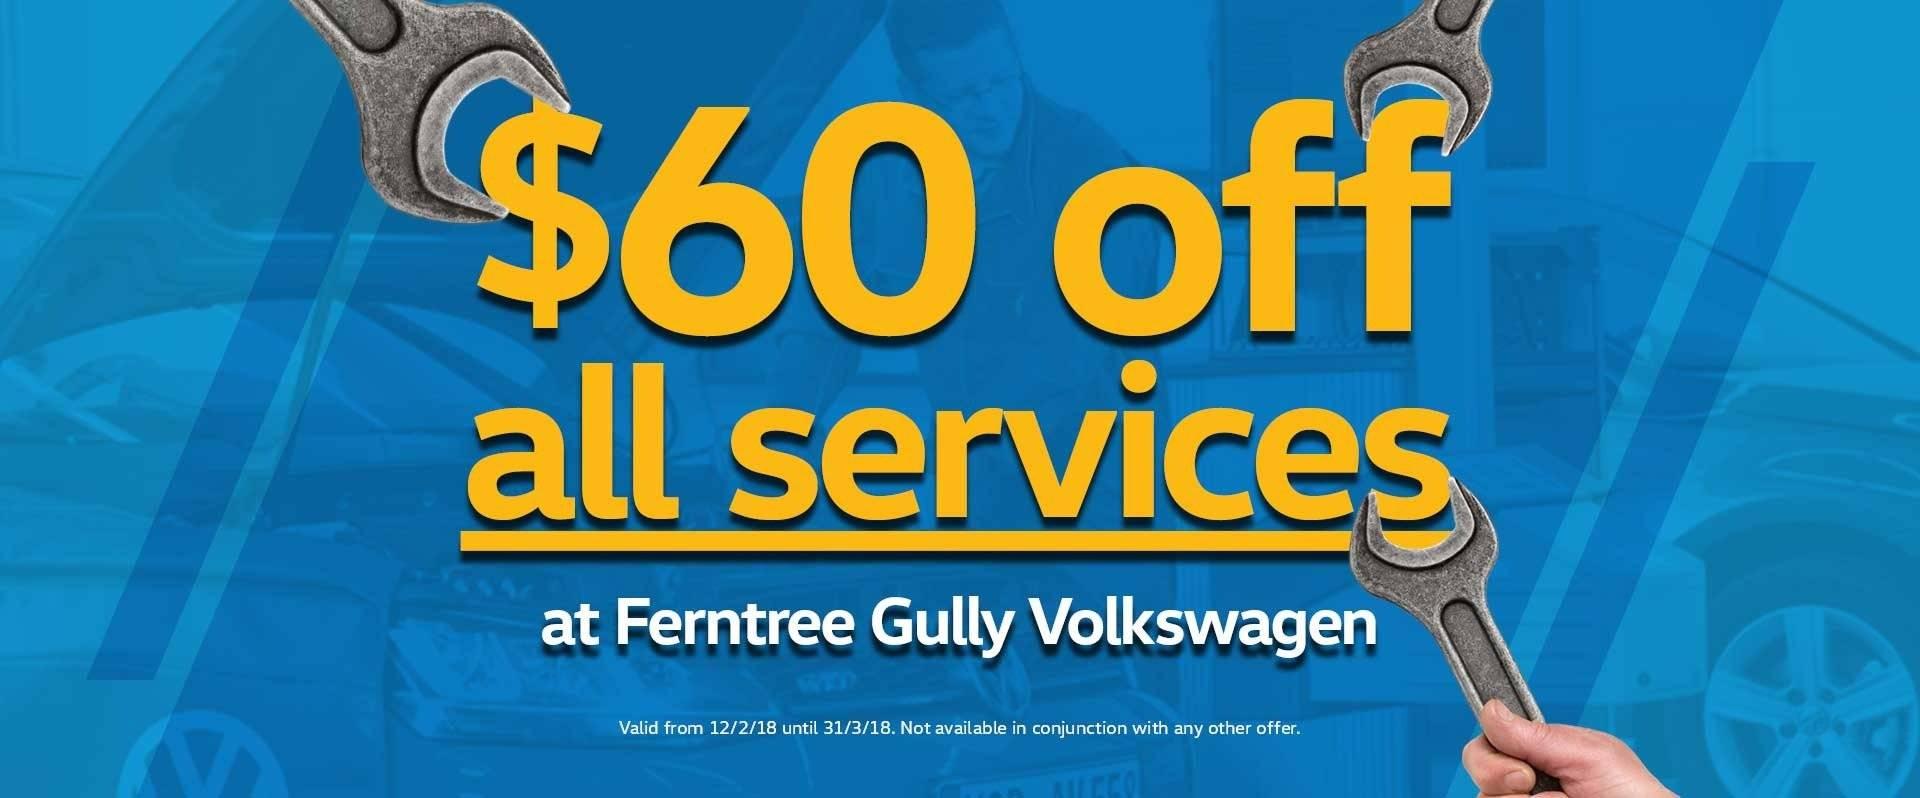 Ferntree Gully Volkswagen service